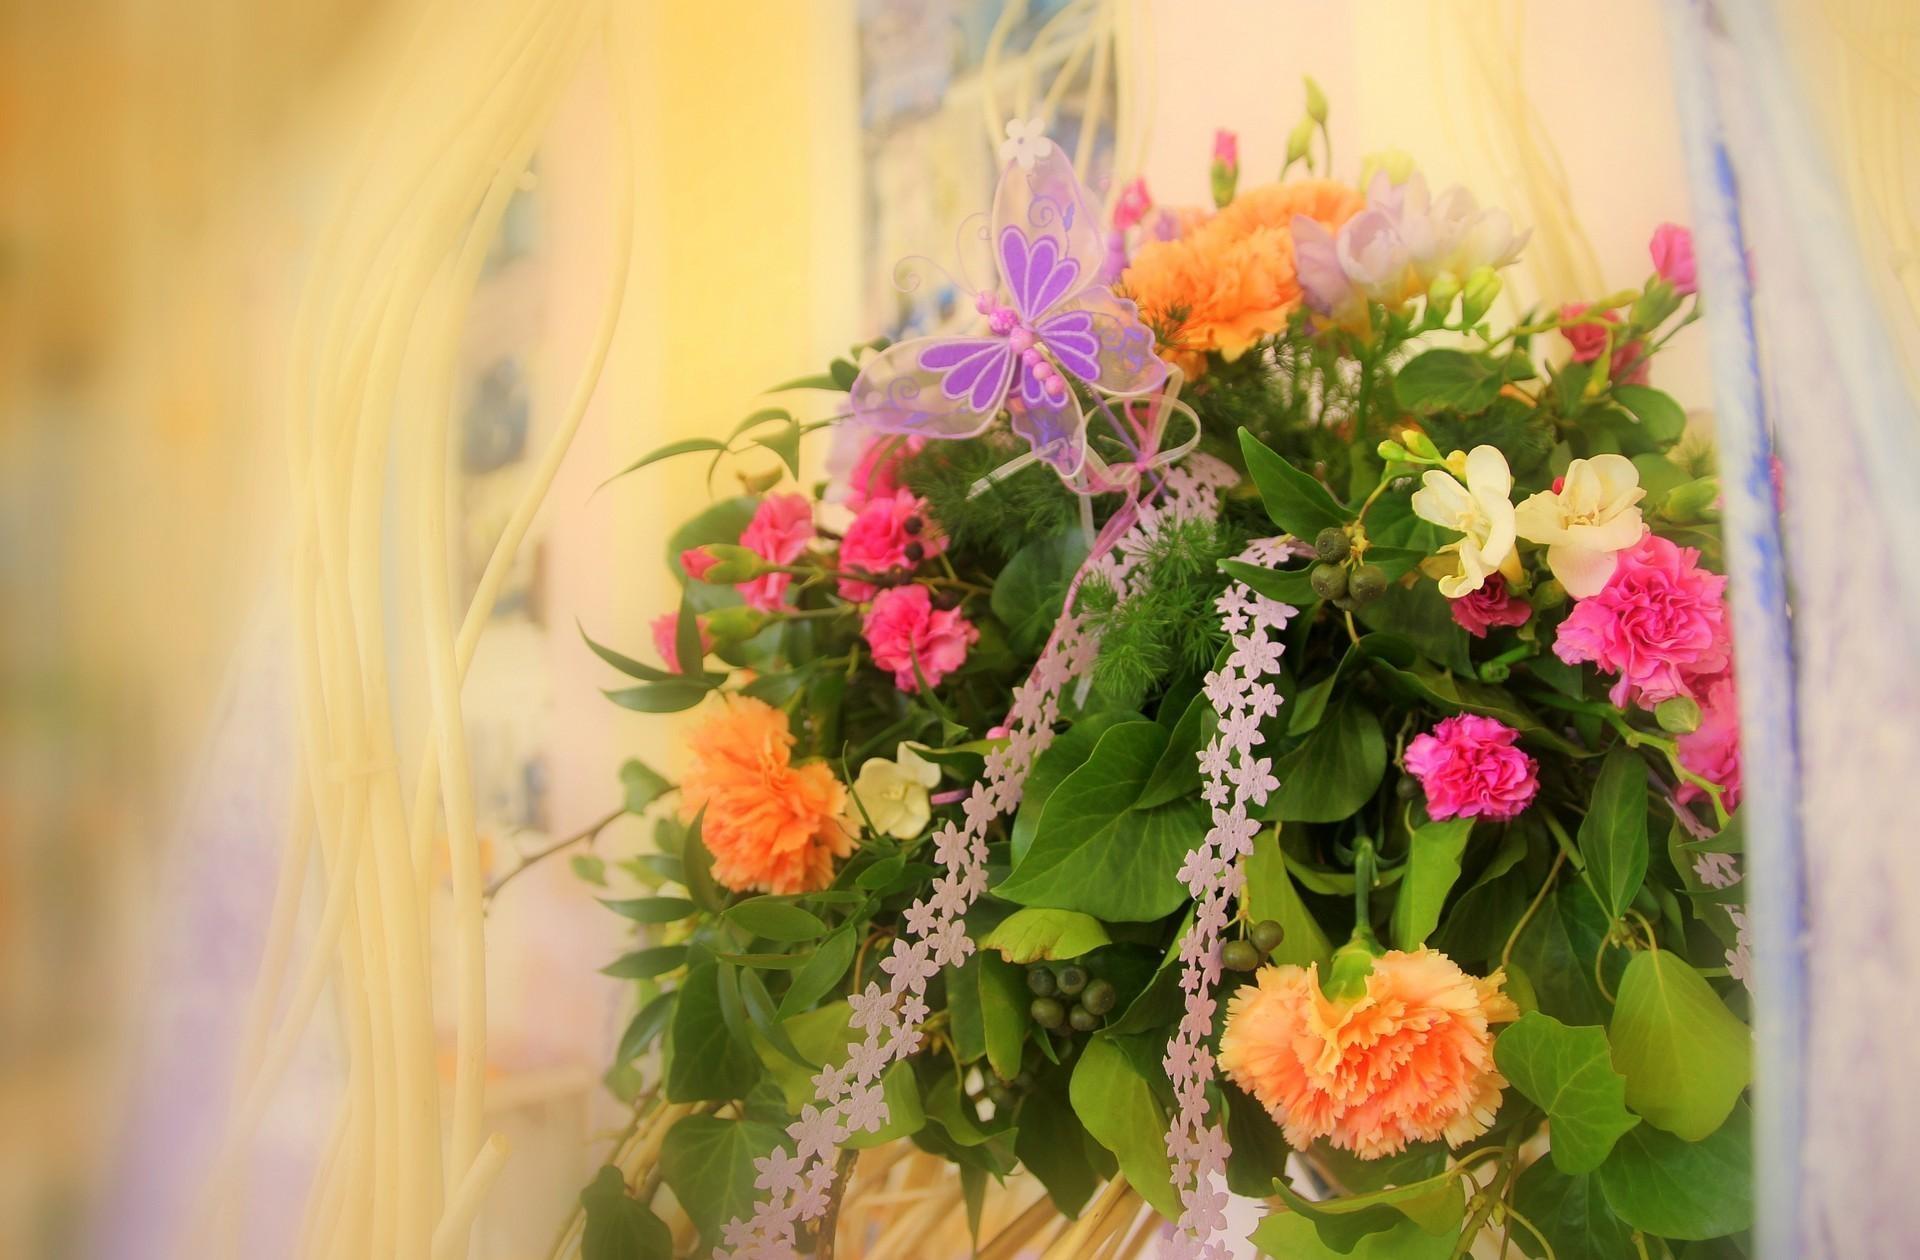 98622 Заставки и Обои Гвоздики на телефон. Скачать Цветы, Гвоздики, Оформление, Бабочка, Нежность картинки бесплатно